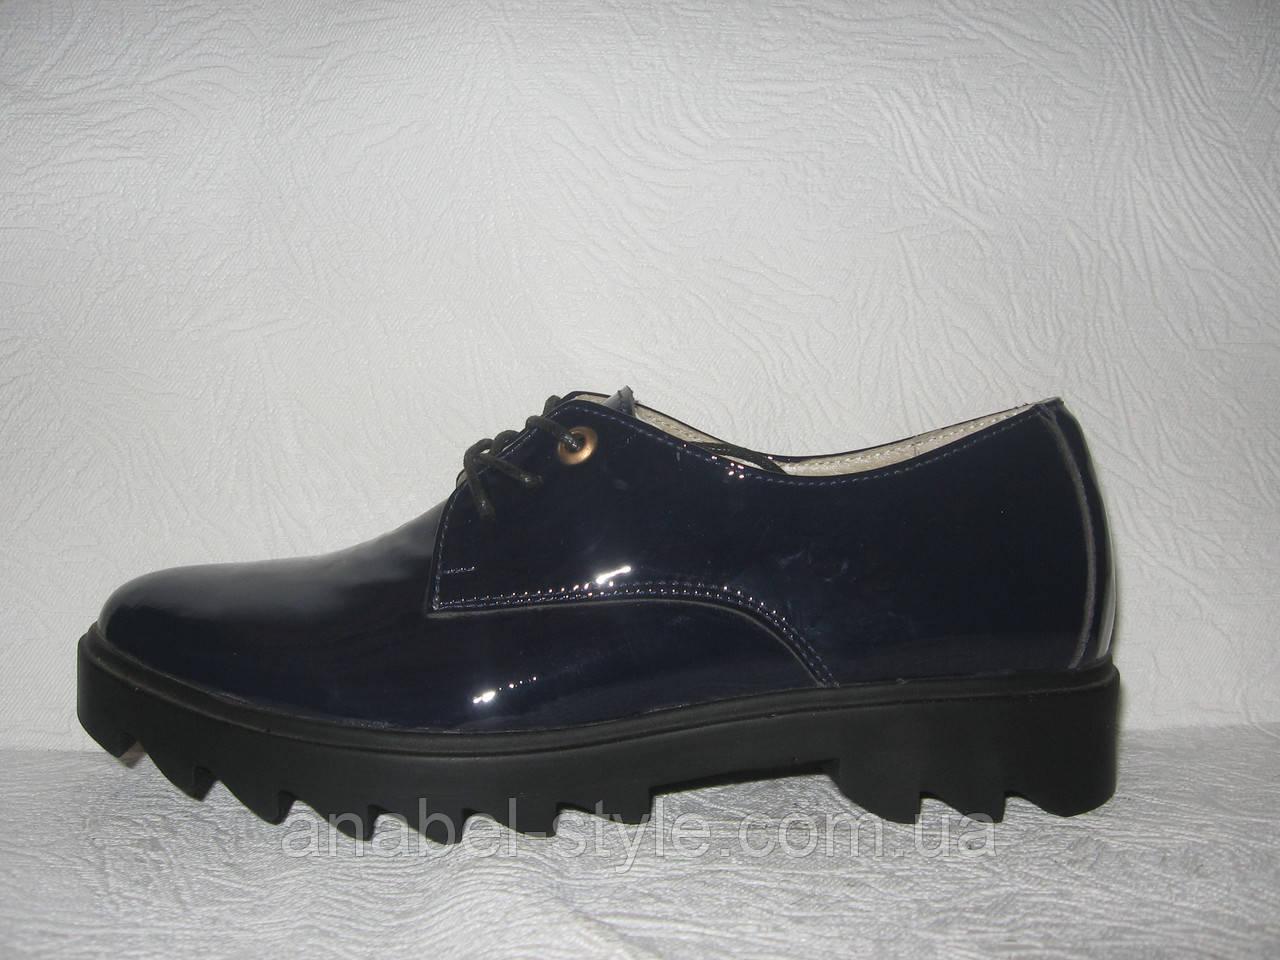 Туфли женские стильные лаковые синие